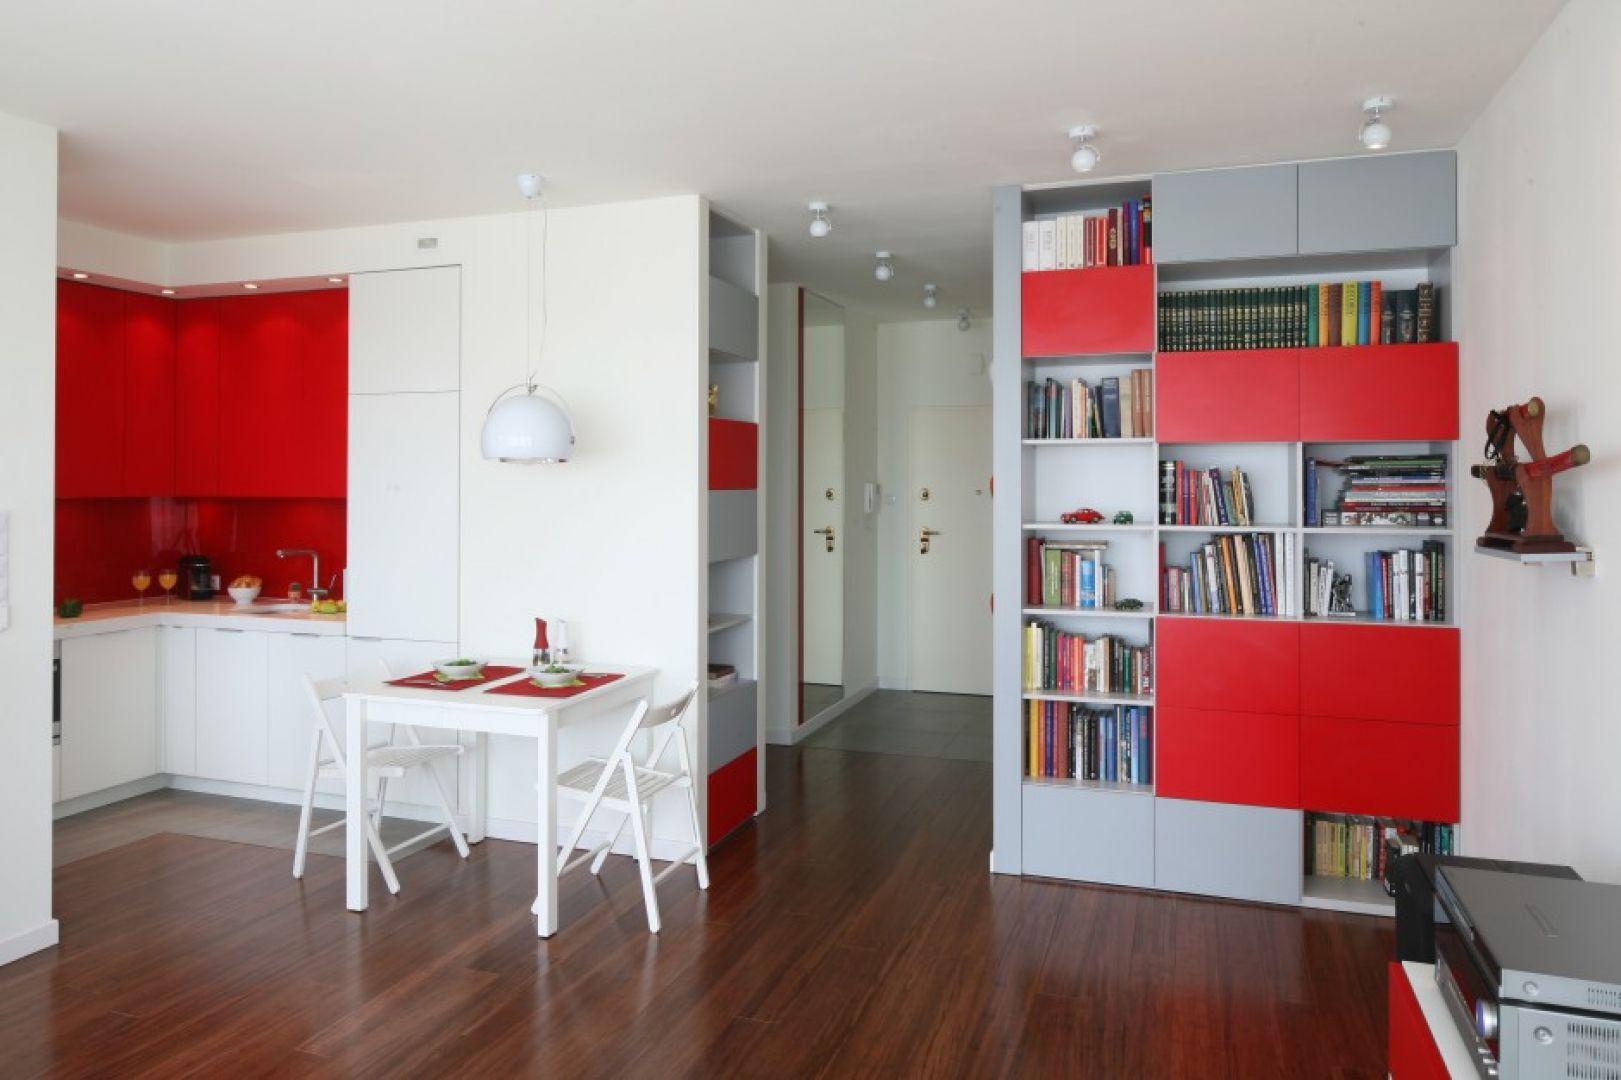 Kuchnia otwarta na strefę dzienną to dobre rozwiązanie do małych pomieszczeń. Projekt: Iza Szewc. Fot. Bartosz Jarosz